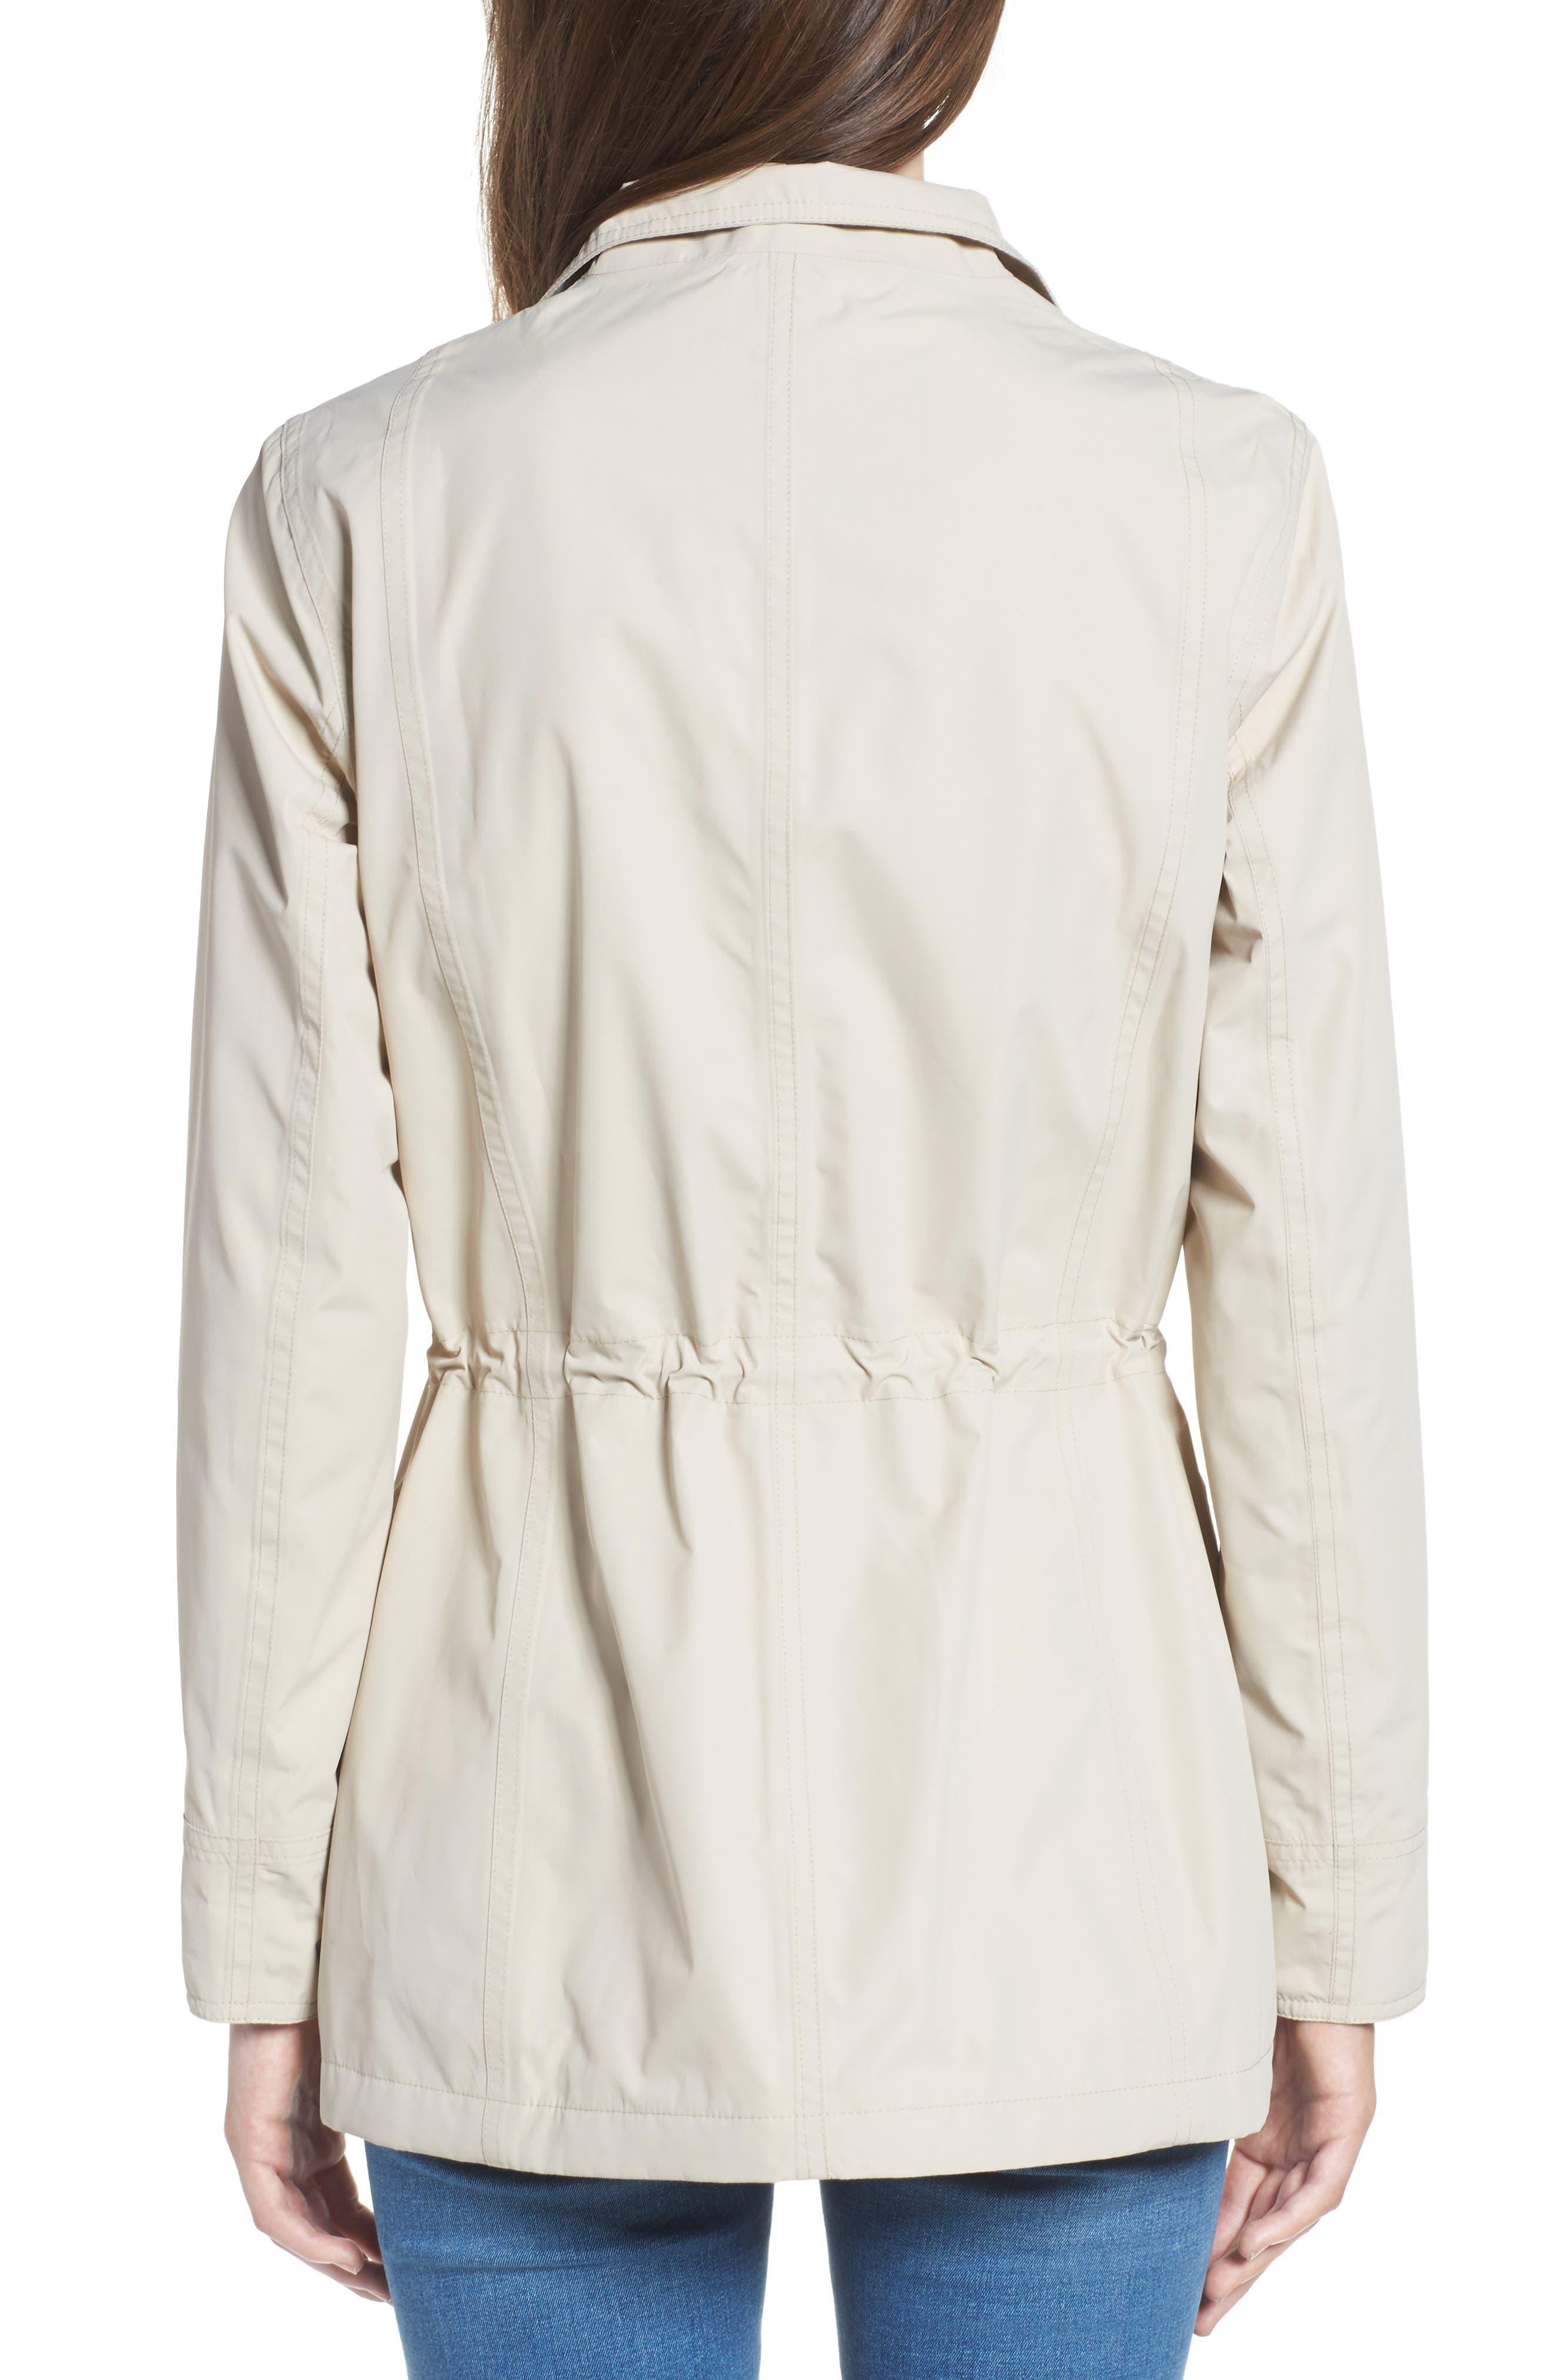 Kinnordy Waterproof Hooded Jacket,                             Alternate thumbnail 2, color,                             907